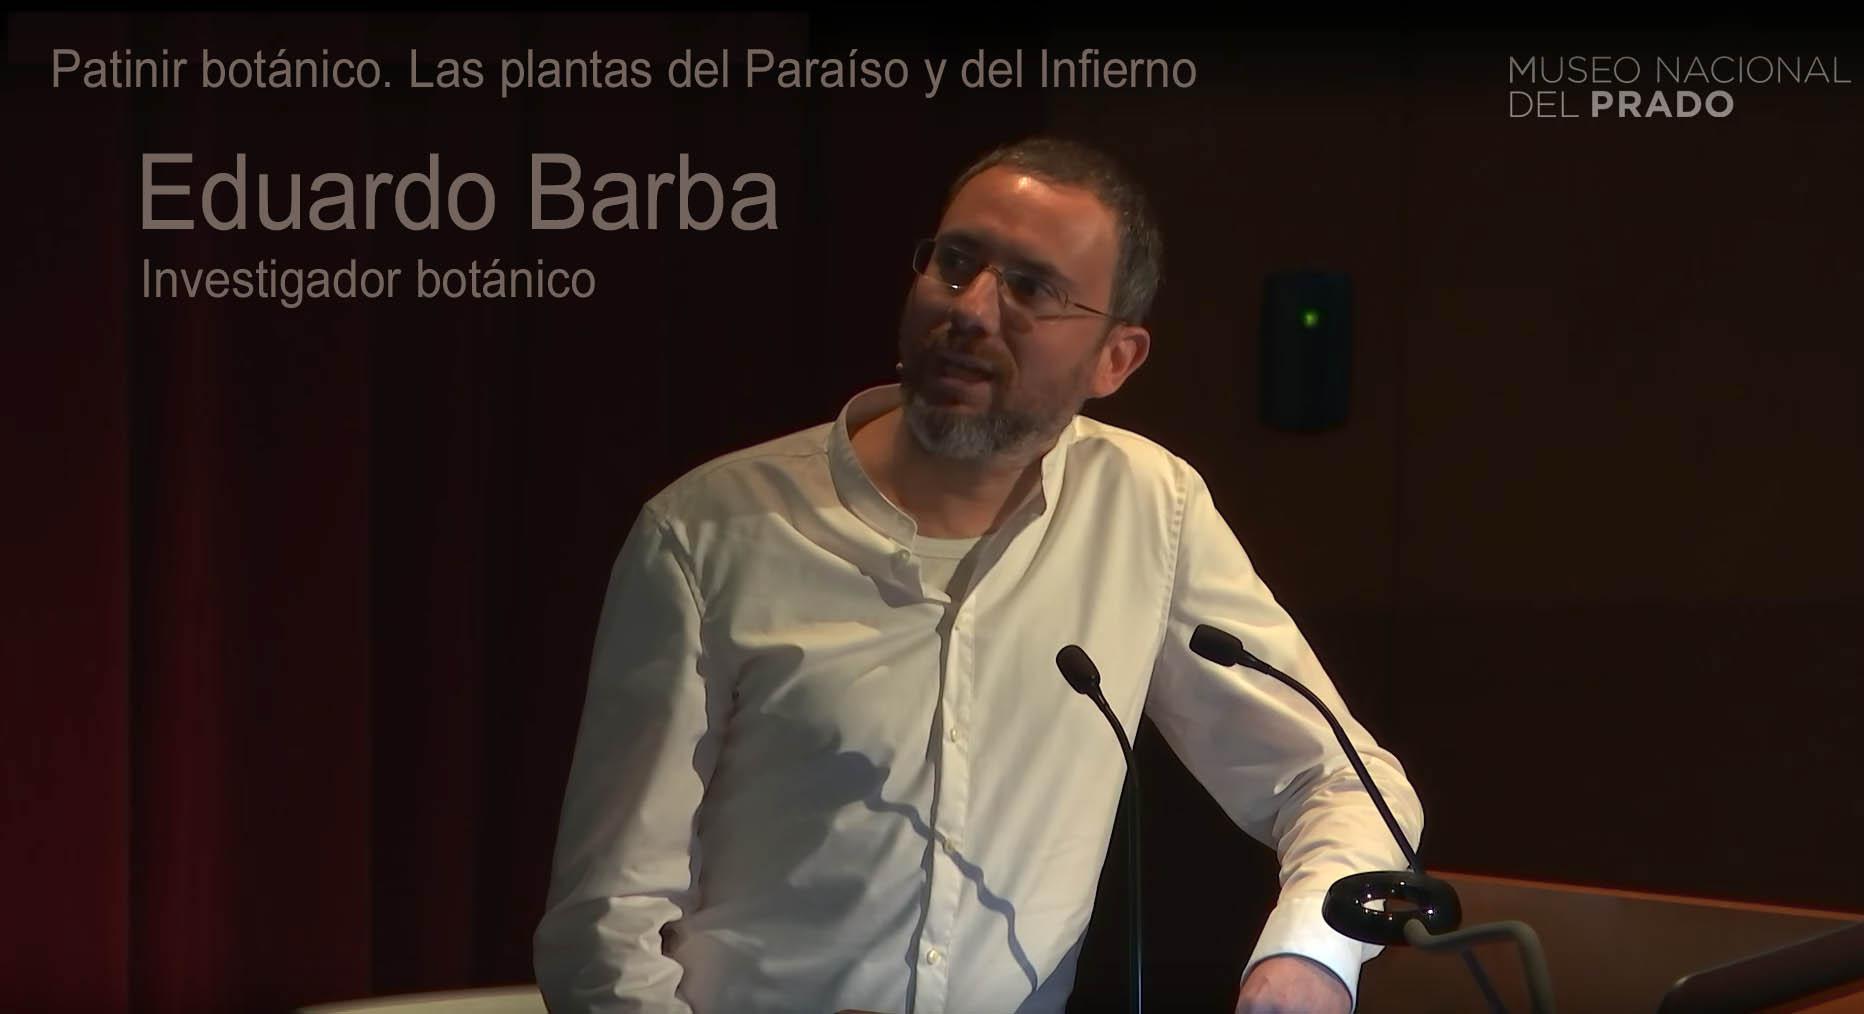 """""""Patinir. Las plantas del Paraíso y del Infierno"""" Conferencia del investigador botánico Eduardo Barba."""